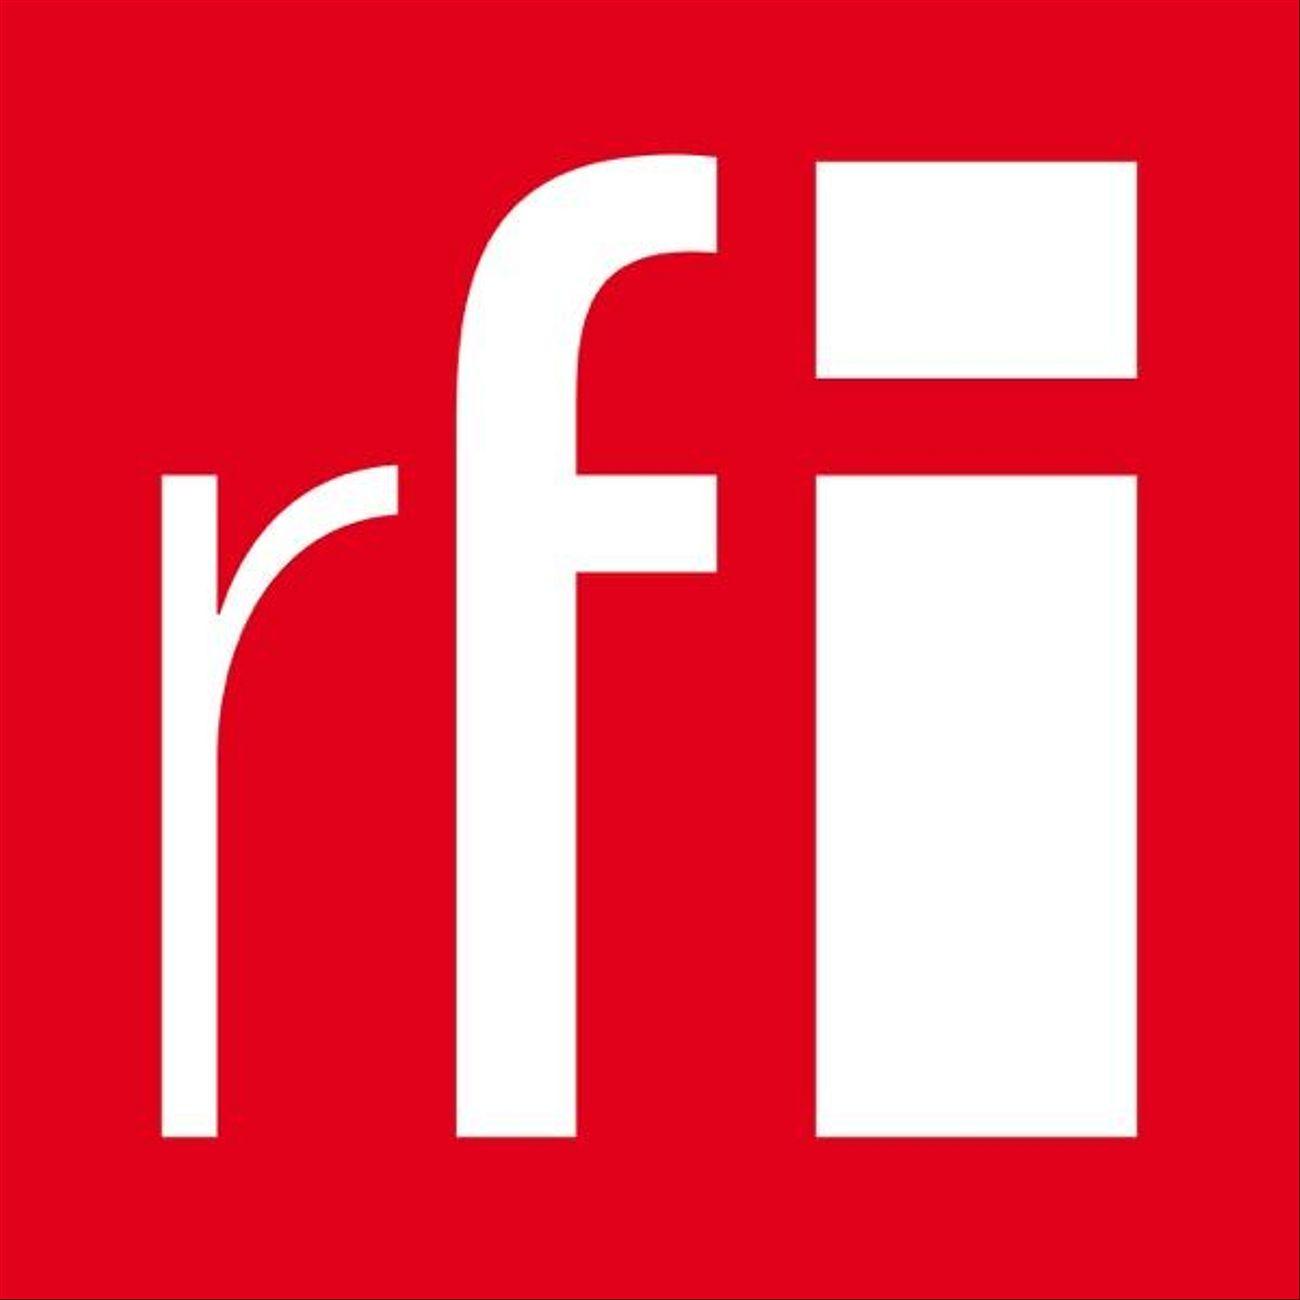 Французская поп-музыка (RFI)